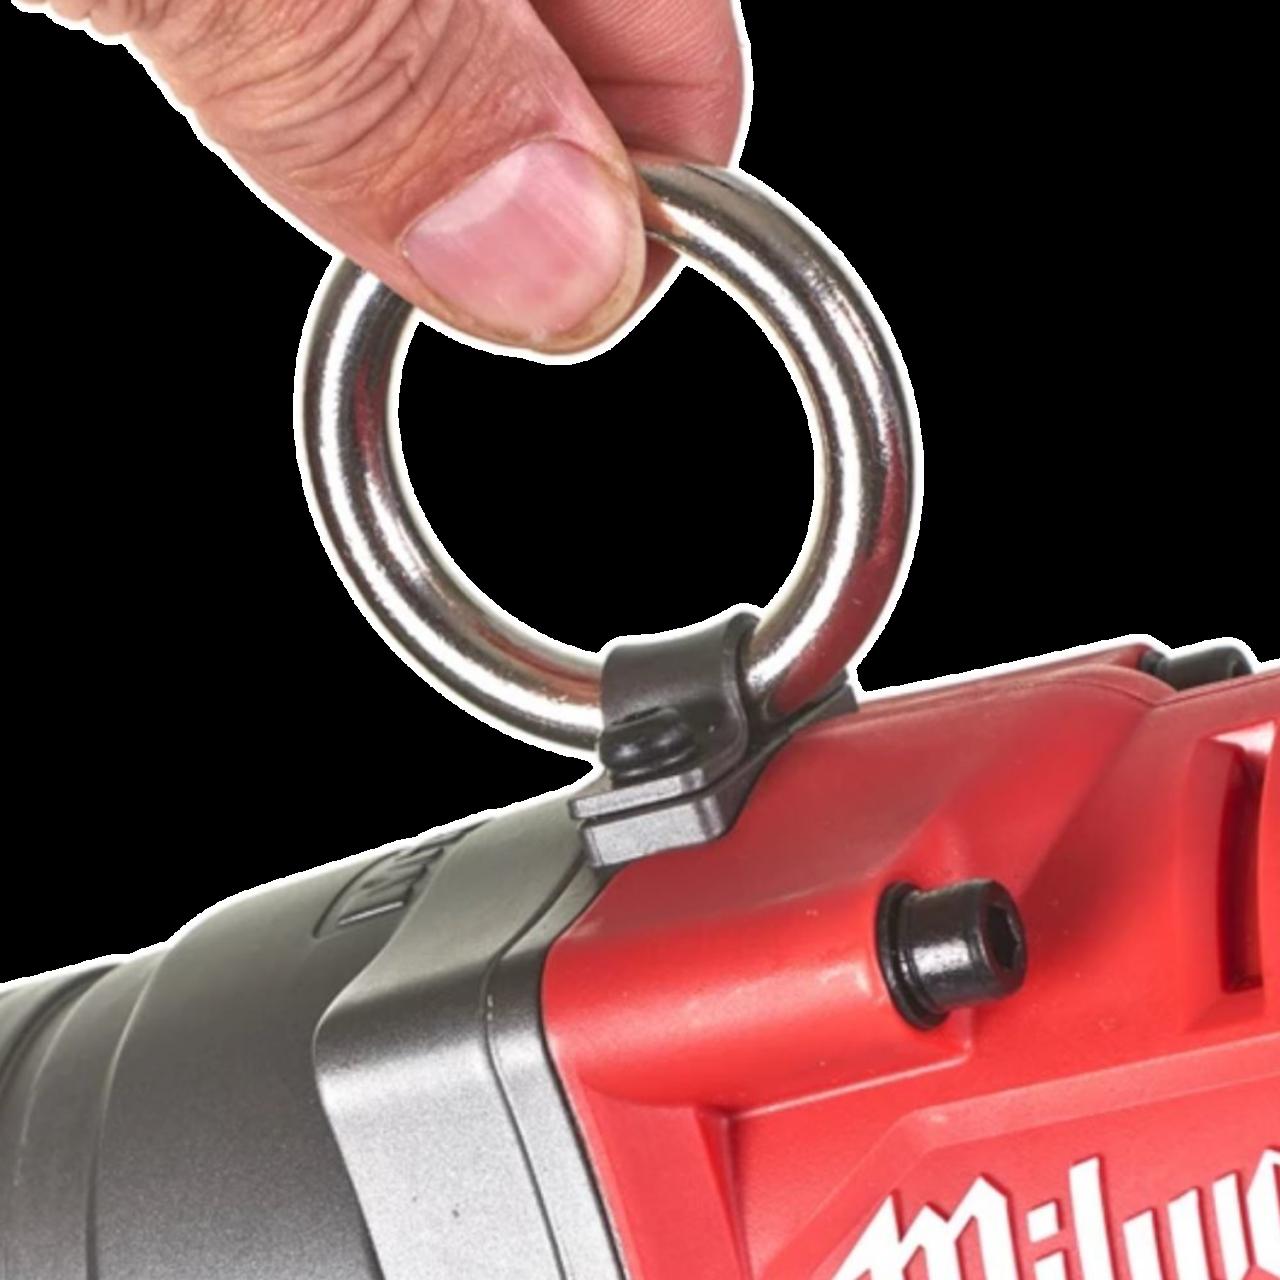 Milwaukee M18 ONEFHIWF1-0X One Key Fuel Akku-Hochleistungsschlagschrauber HD Box